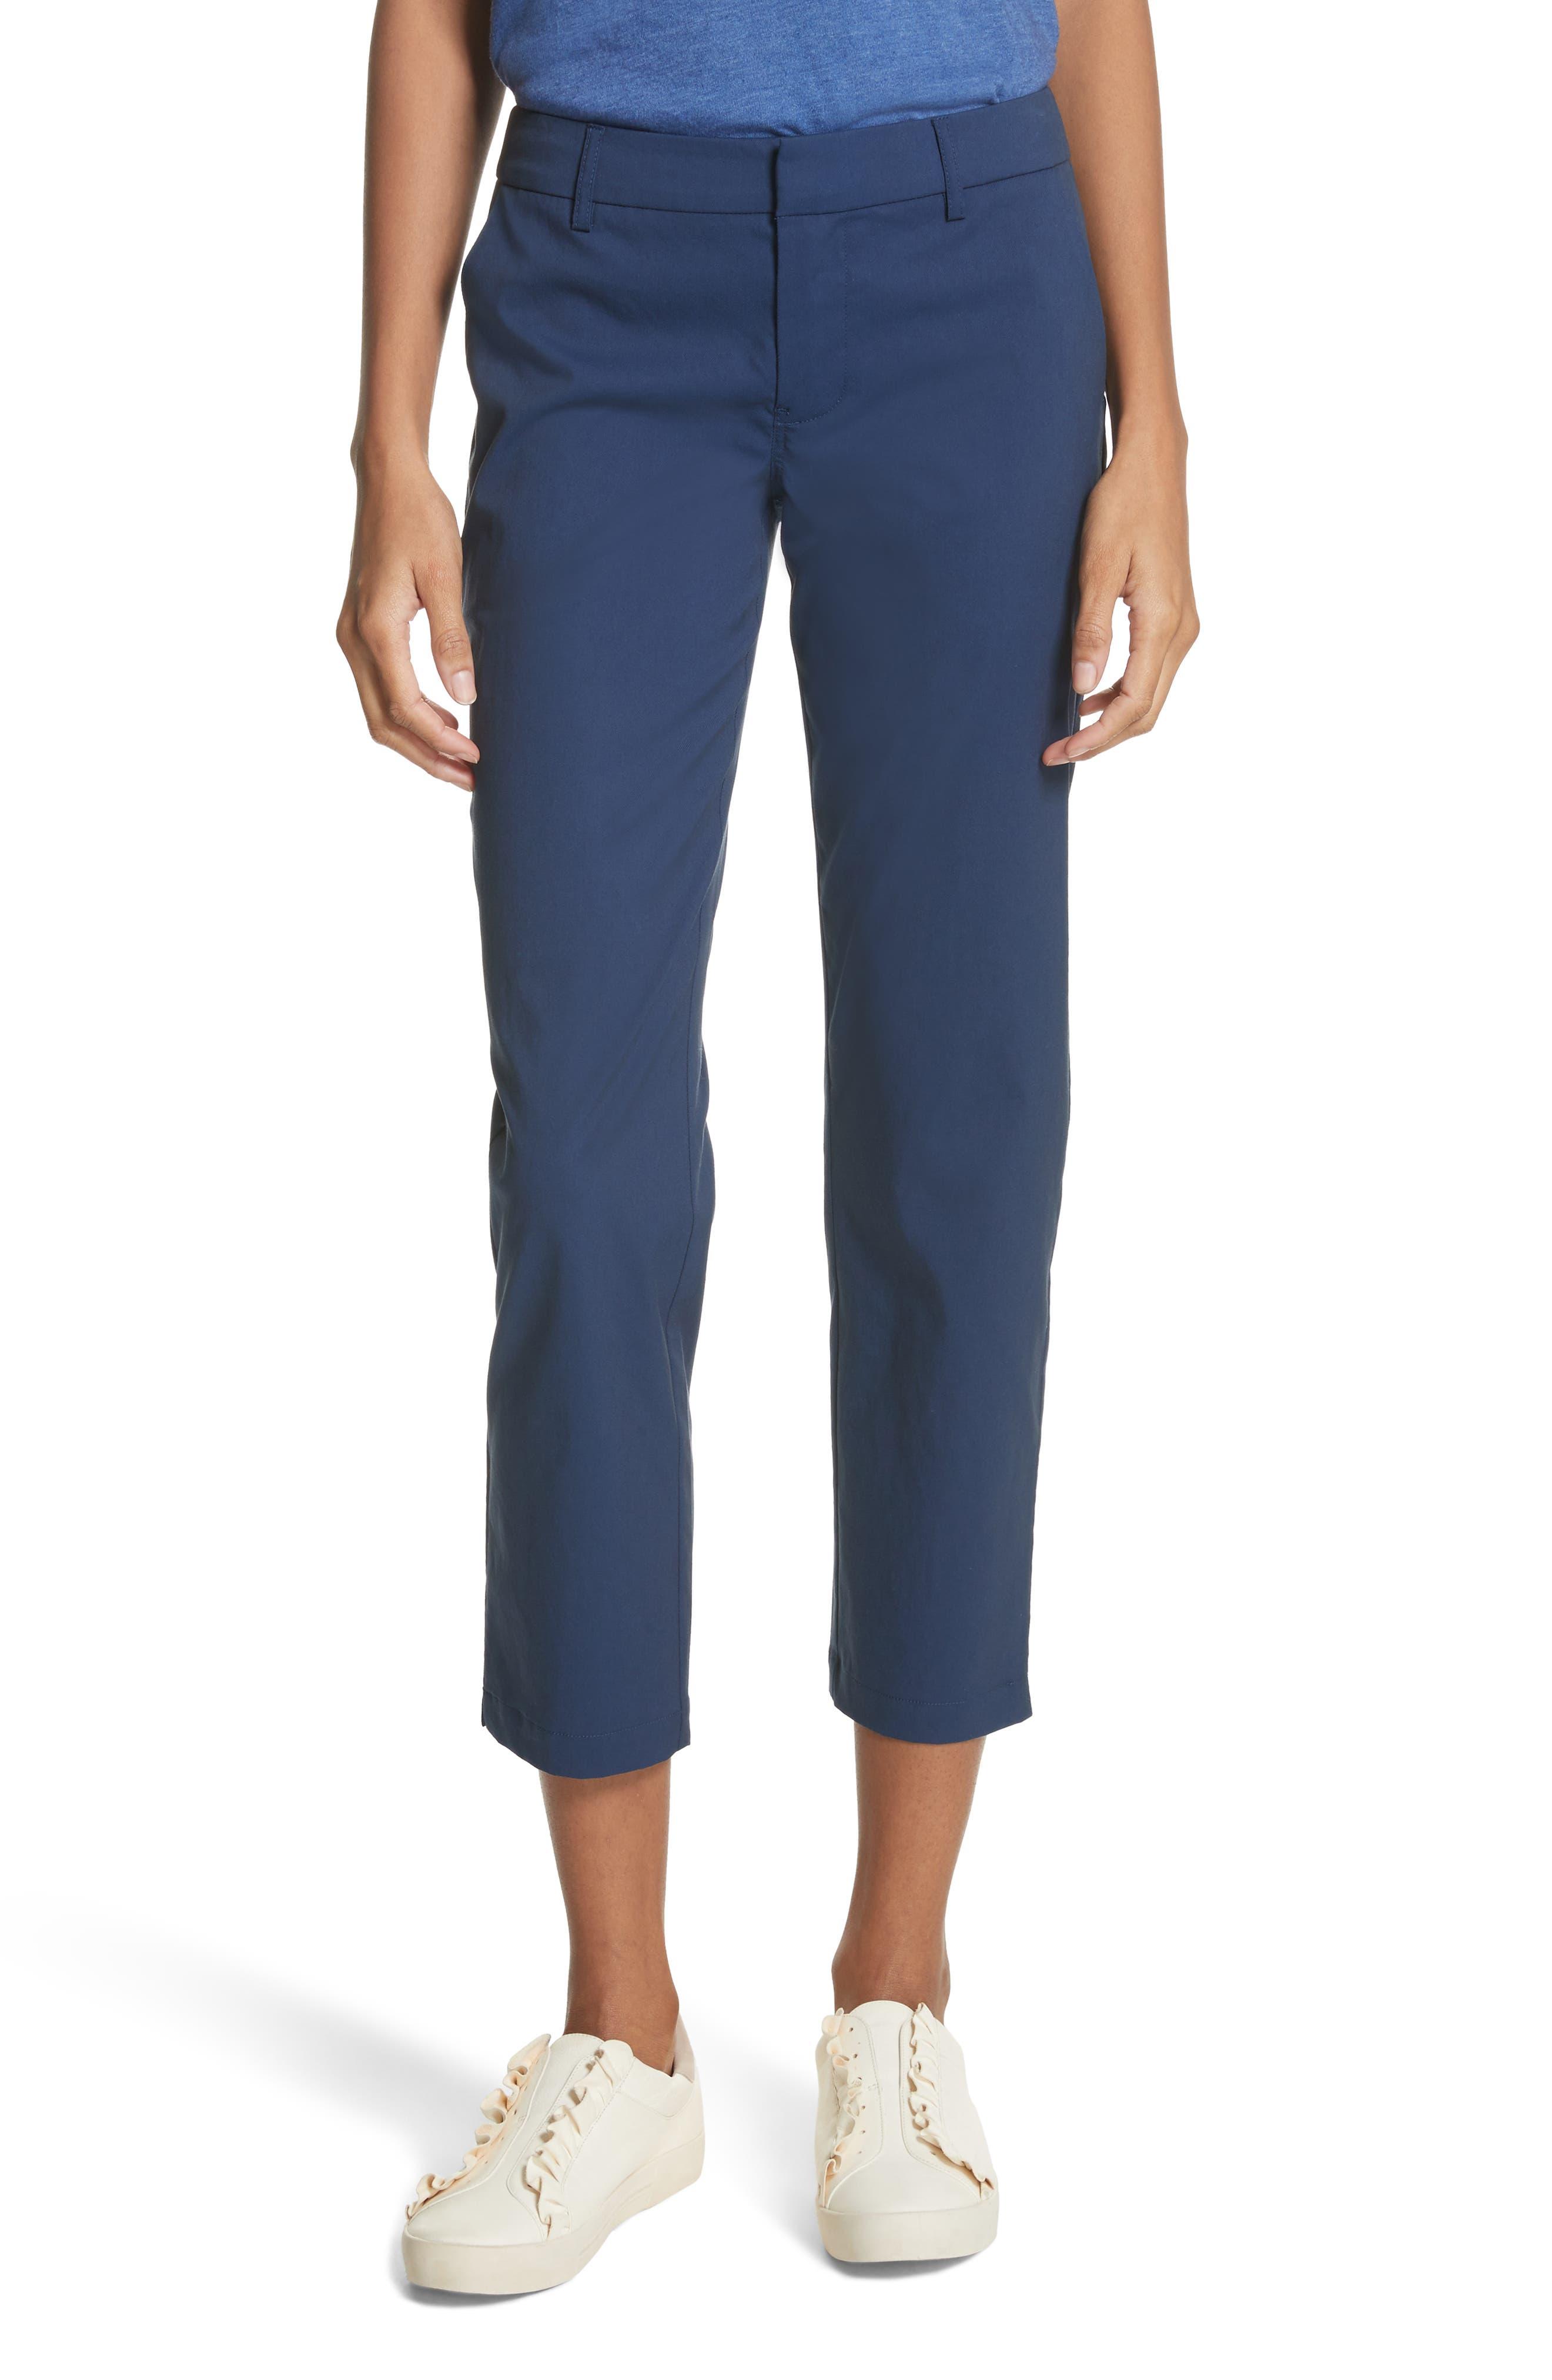 JOIE Golda Ankle Pants, Main, color, 418